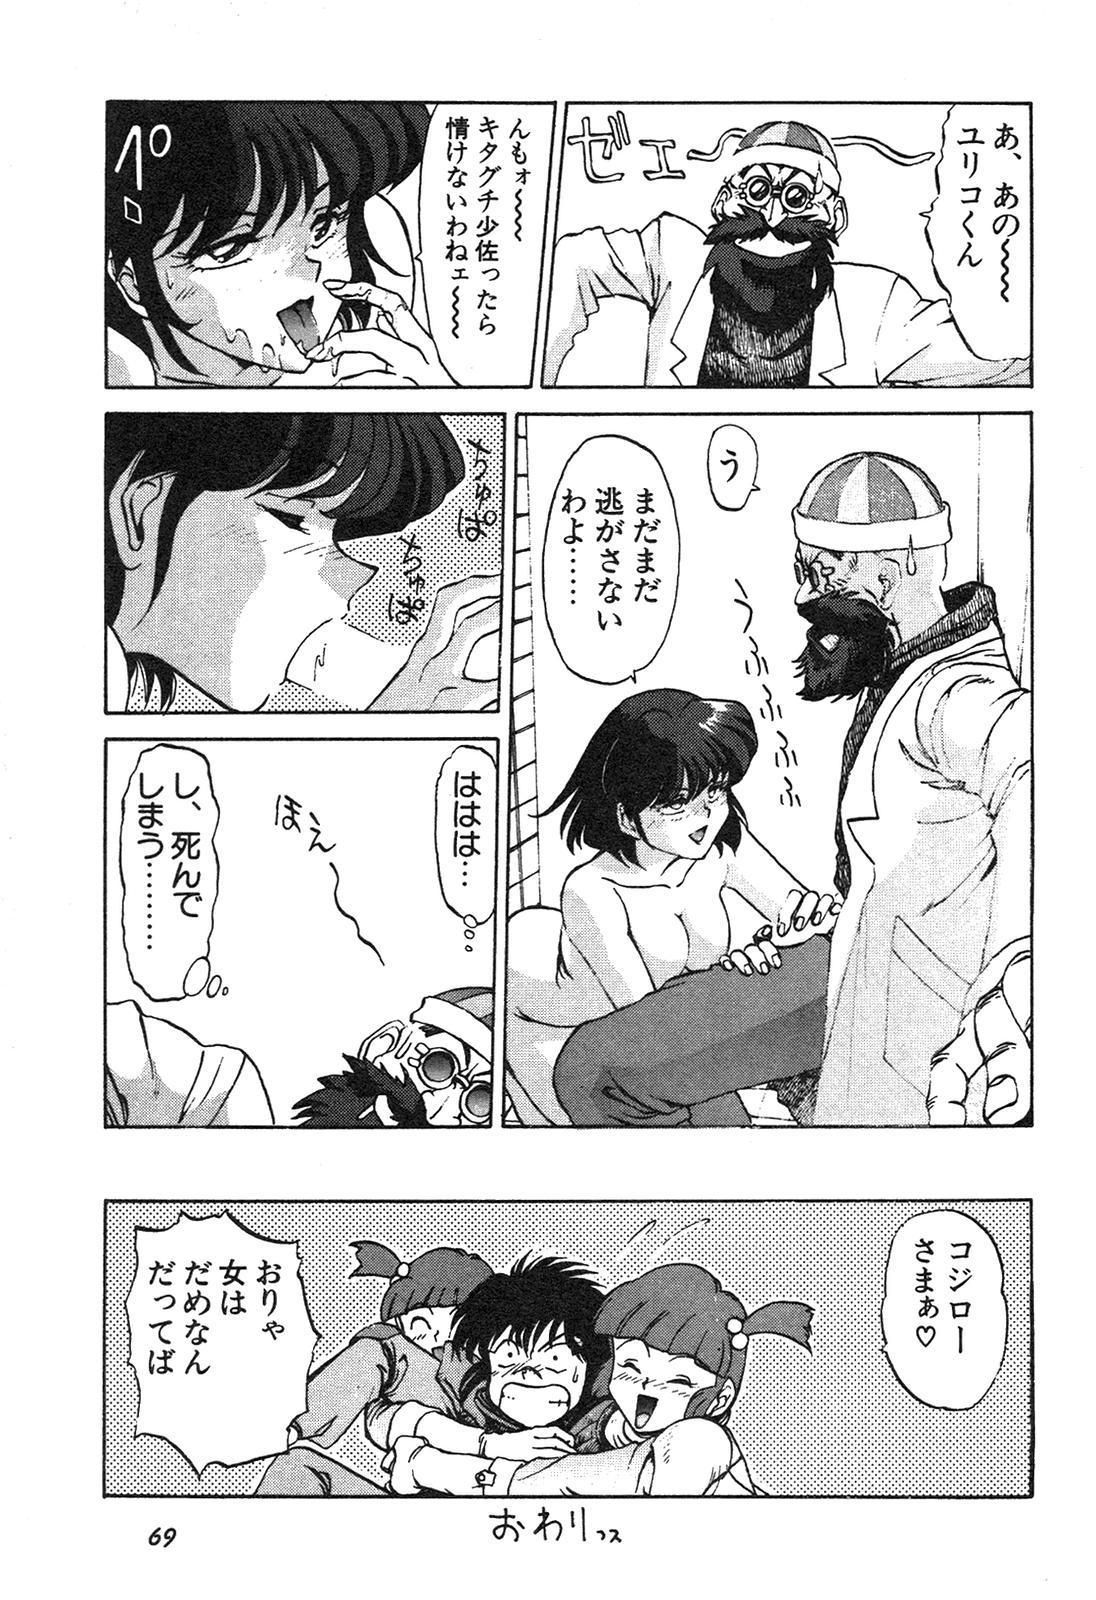 Shin Bishoujo Shoukougun 3 Yamato hen 69